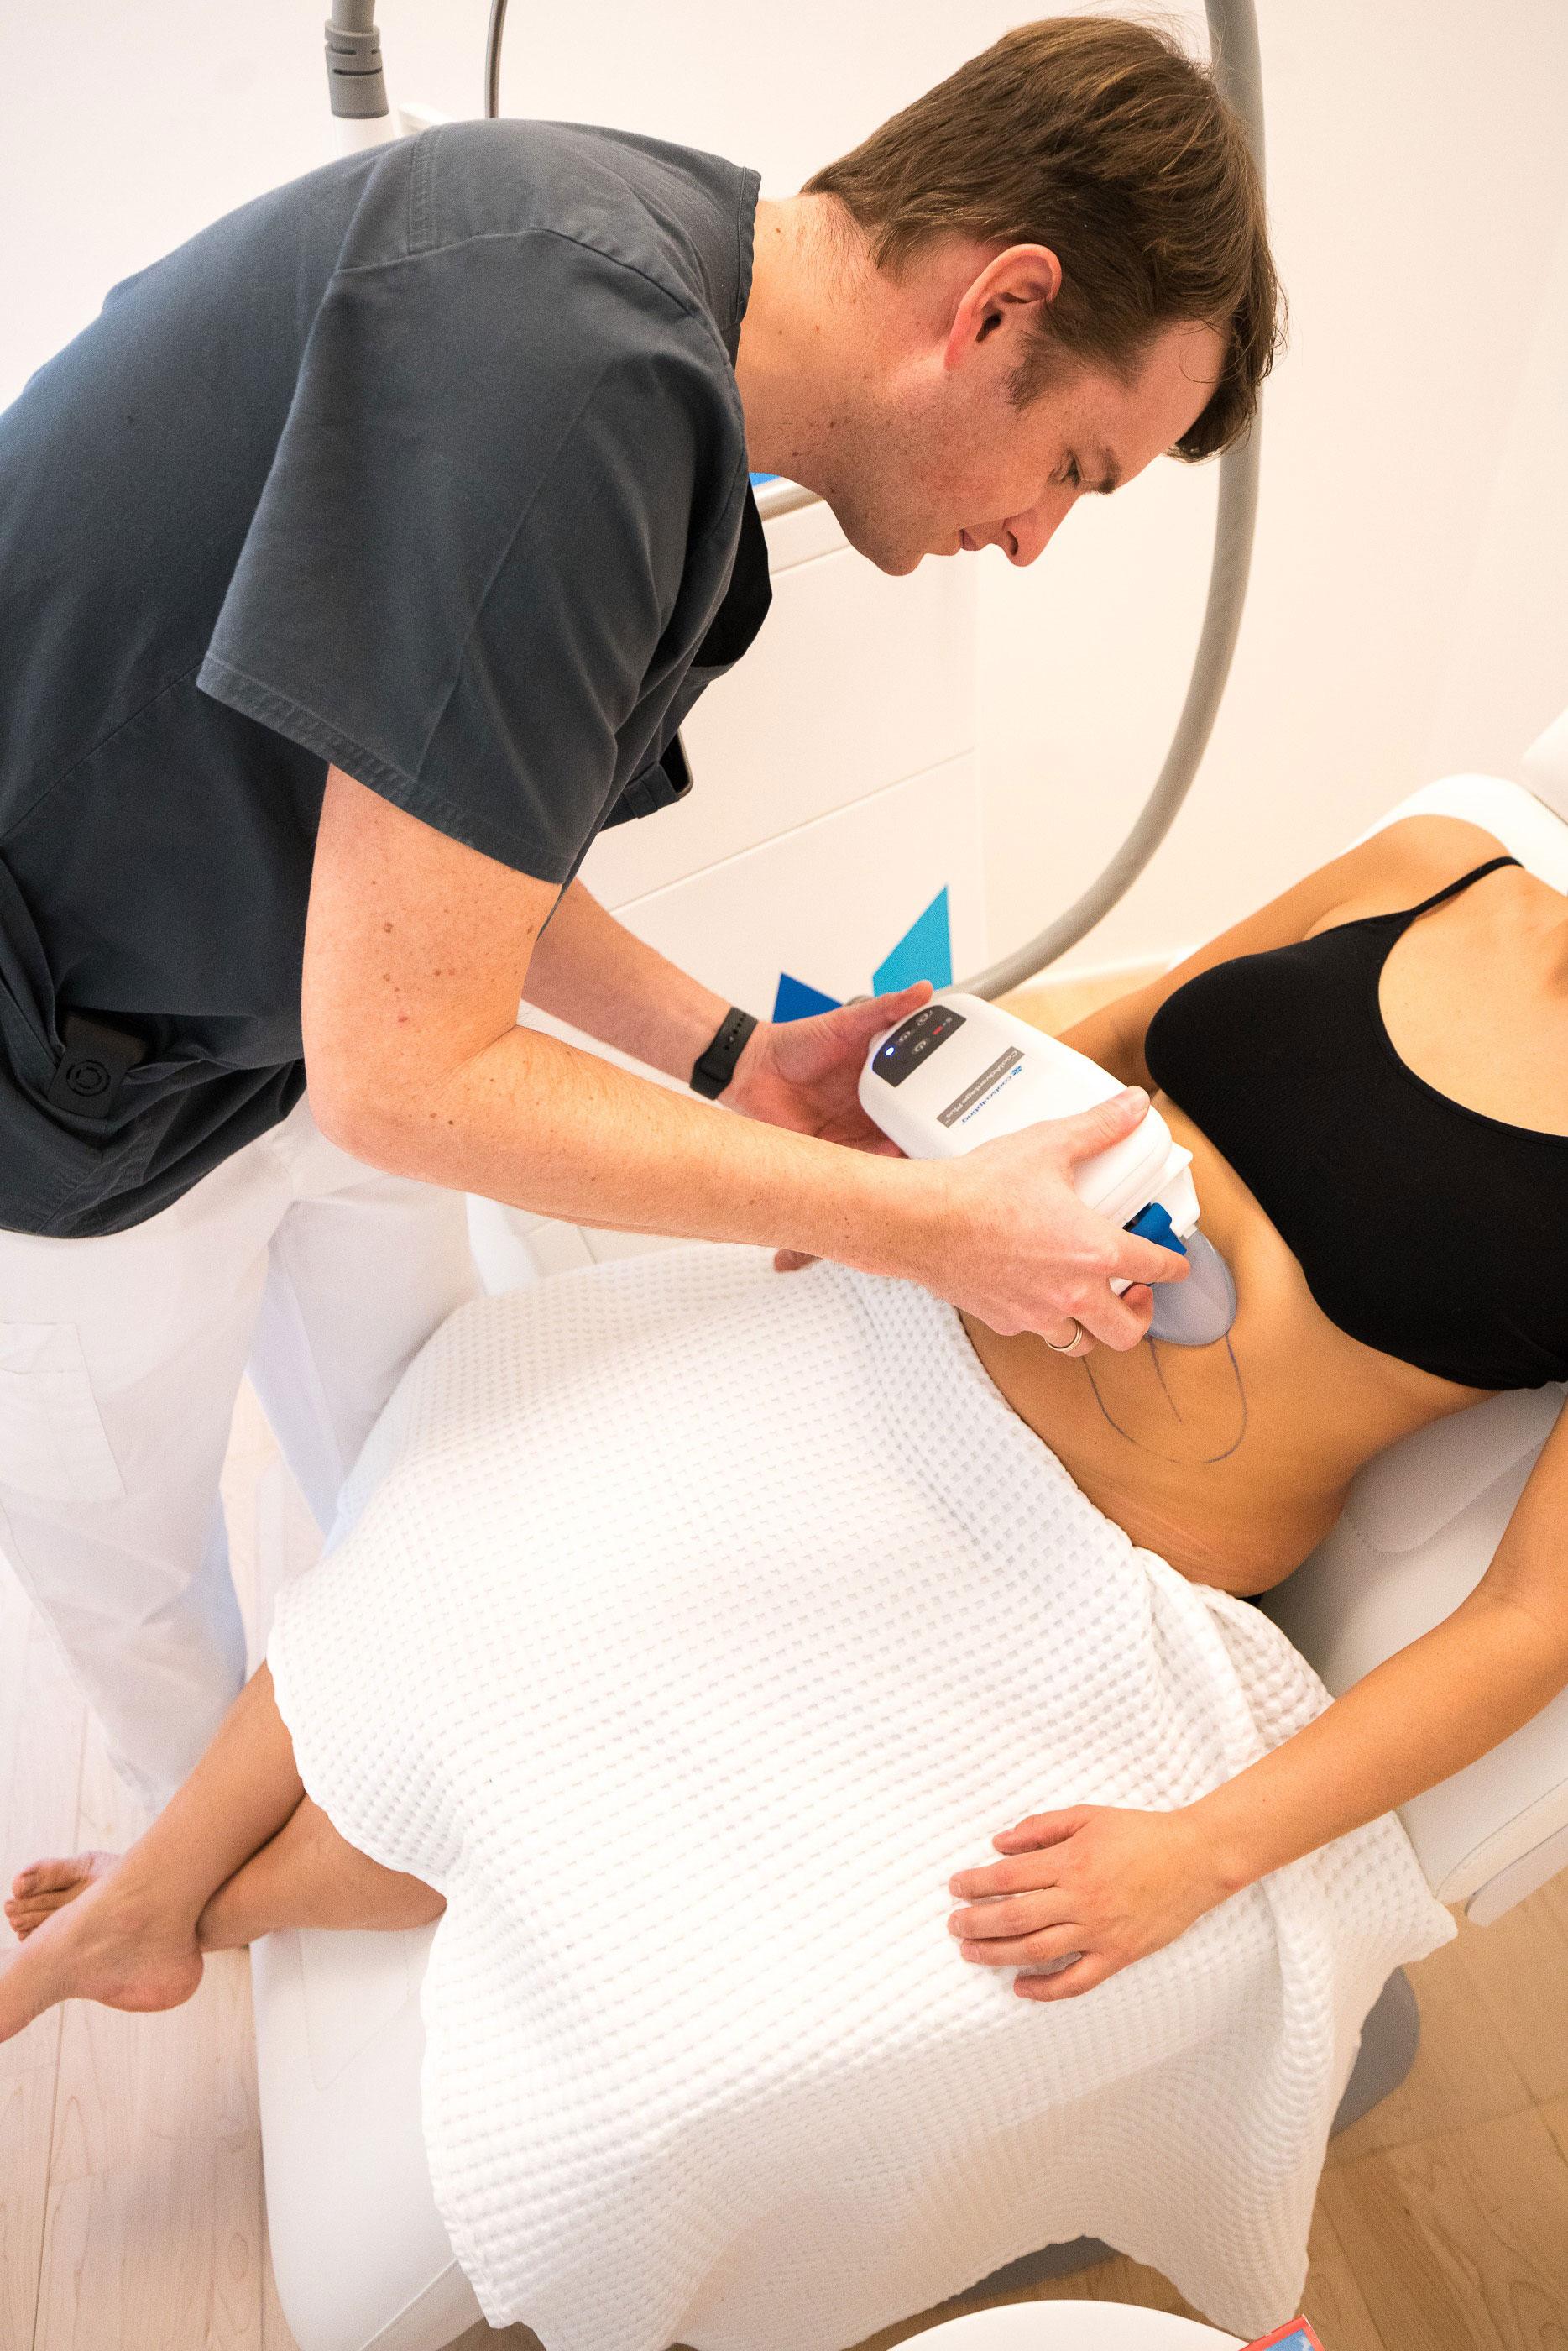 6. Das Anzeichnen und Anlegen der einzelnen Applikatoren erfolgt im SAN Medical Center immer durch einen erfahrenen Chirurgen.